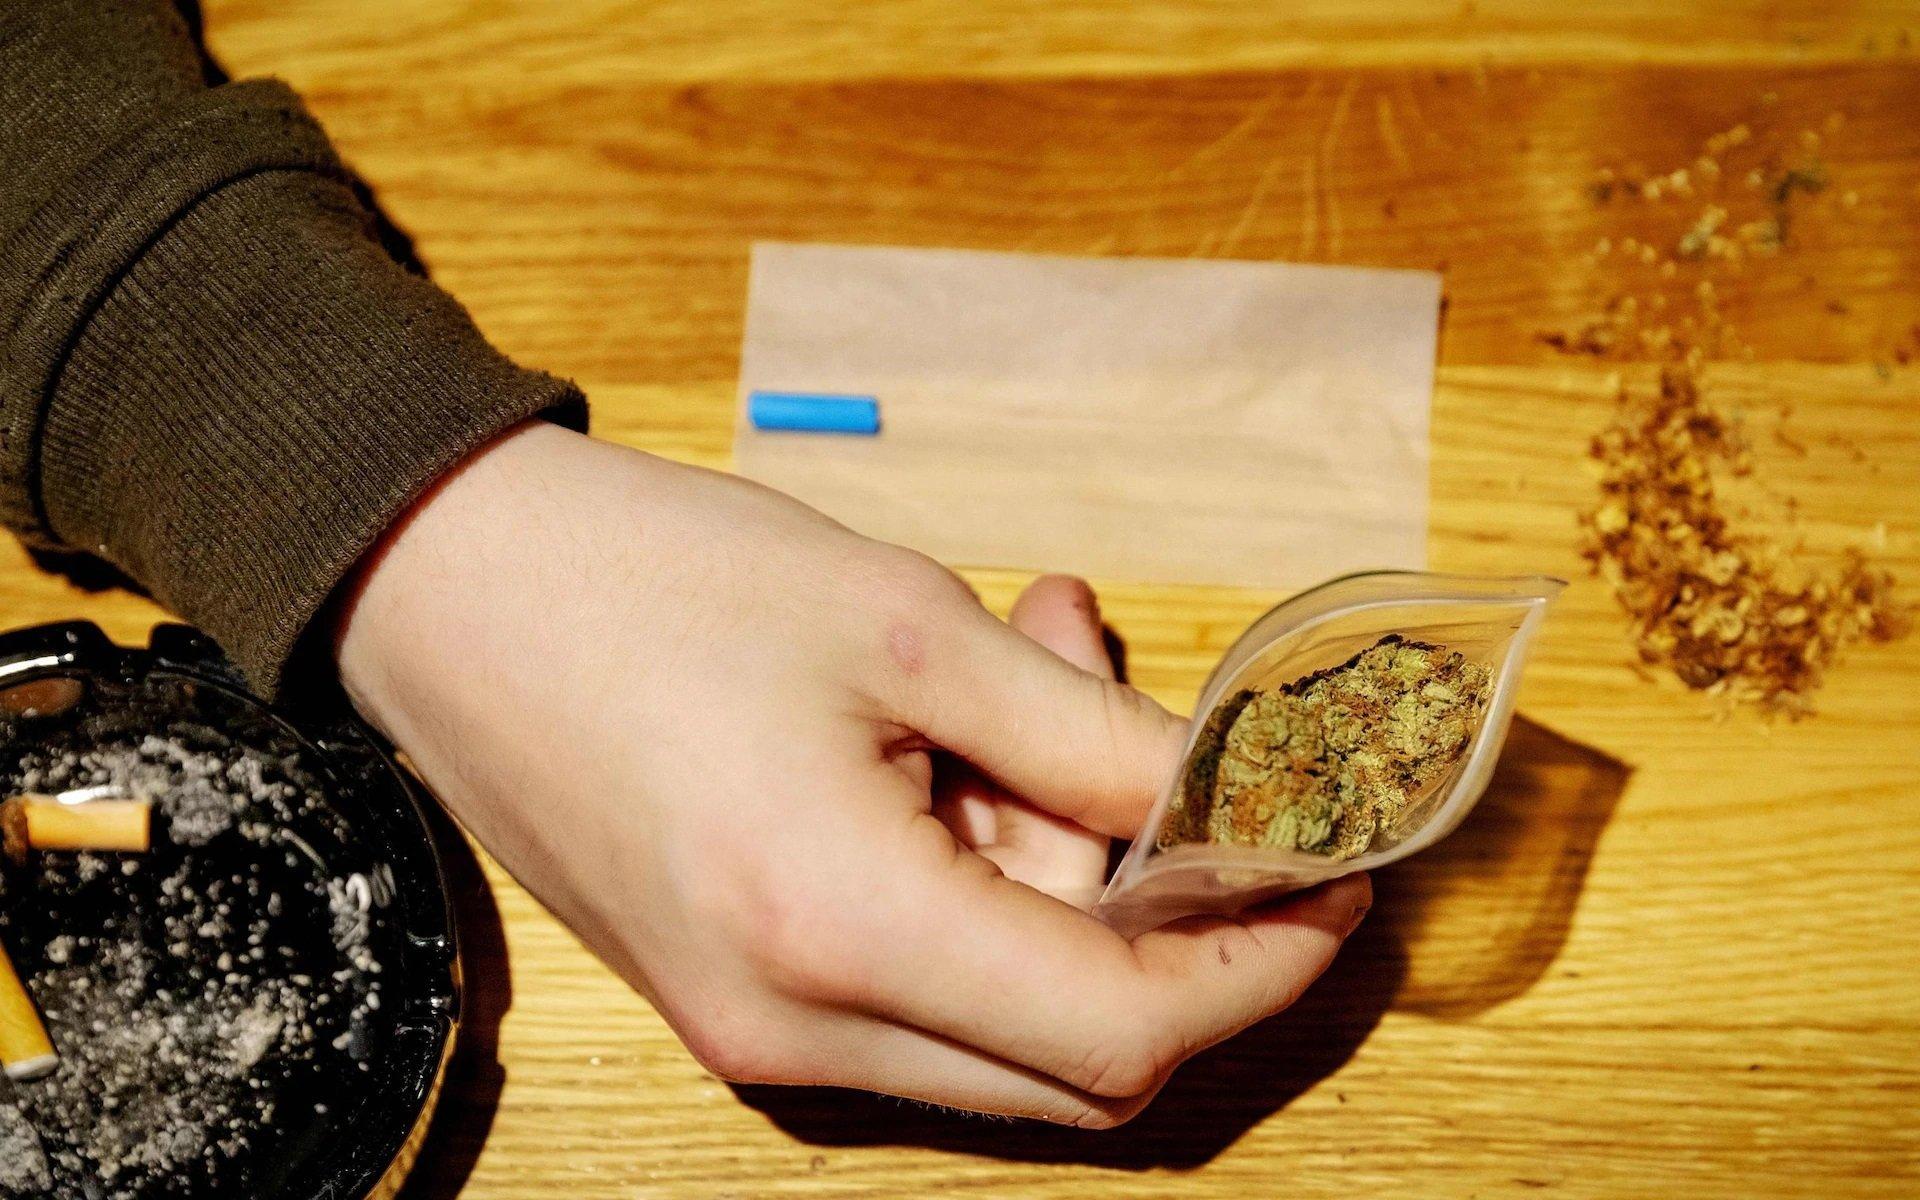 Les Pays-Bas s'orientent vers la légalisation de la production de cannabis avec un essai de quatre ans en coffeeshops